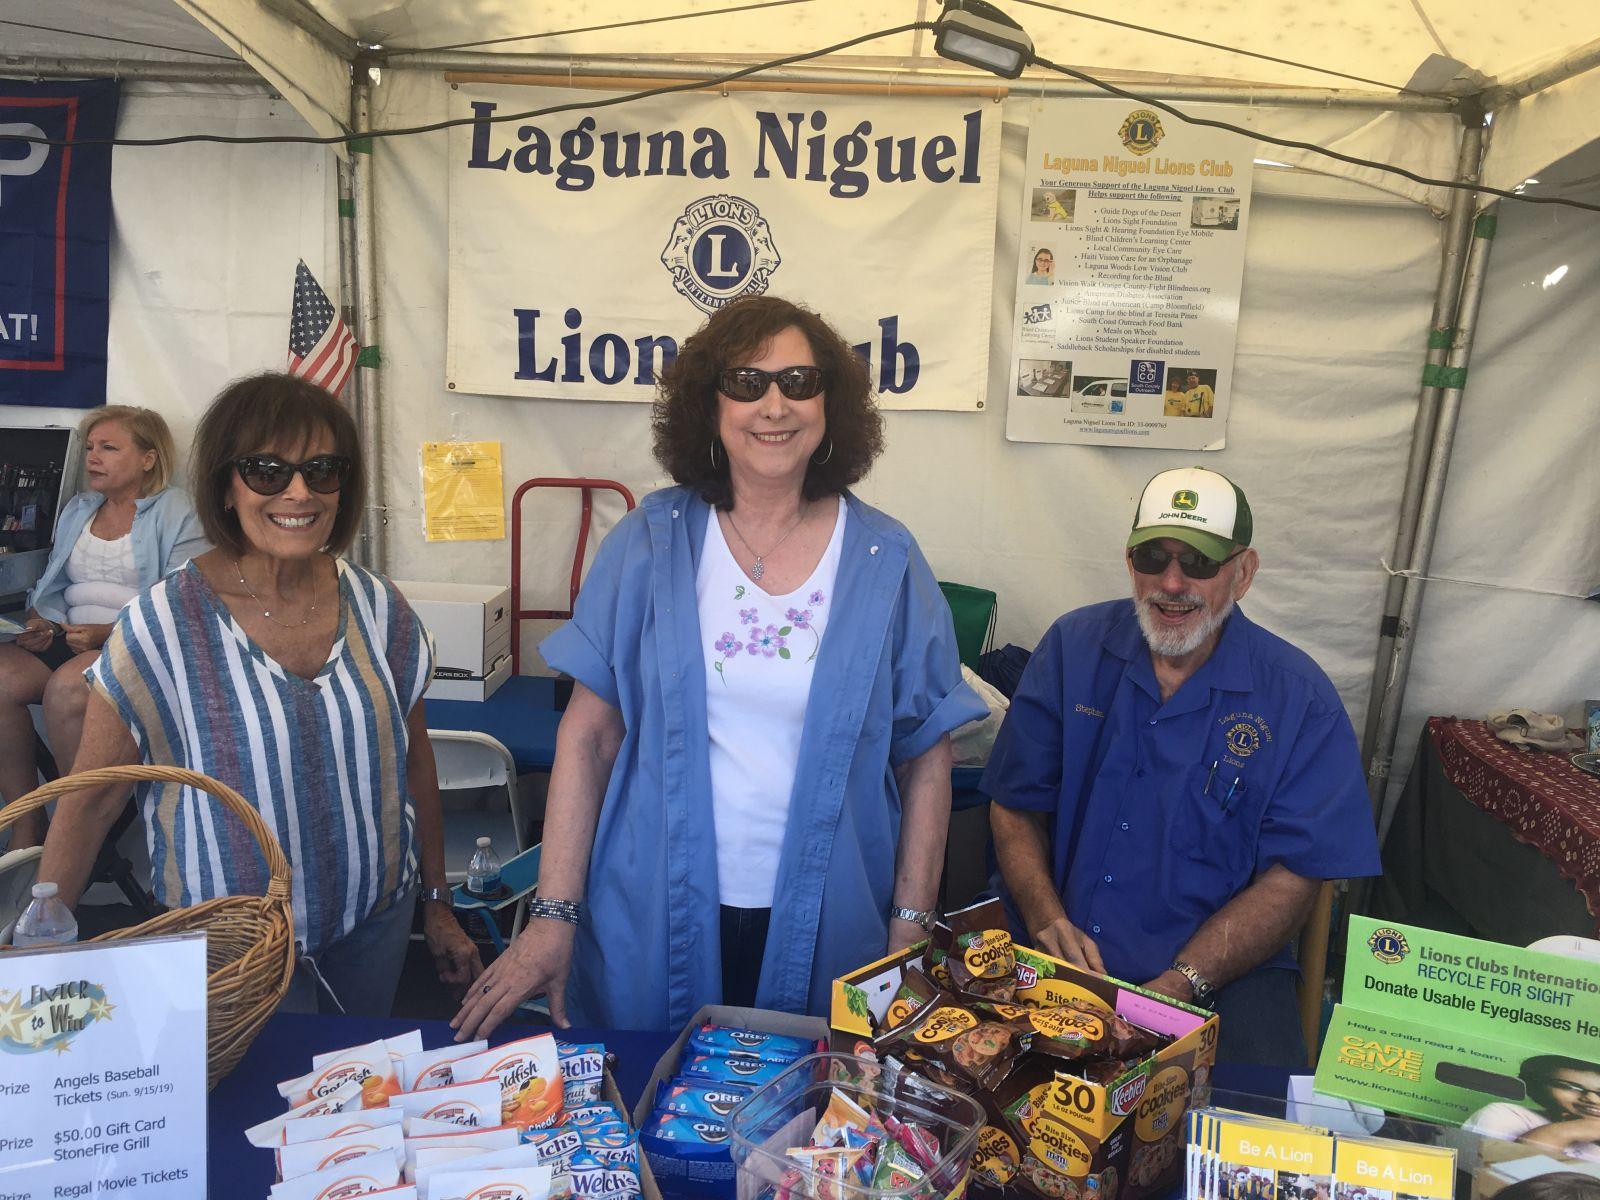 Lions Fundraising Booth - 8 17 19 Laguna Niguel Fair 30th anniversary